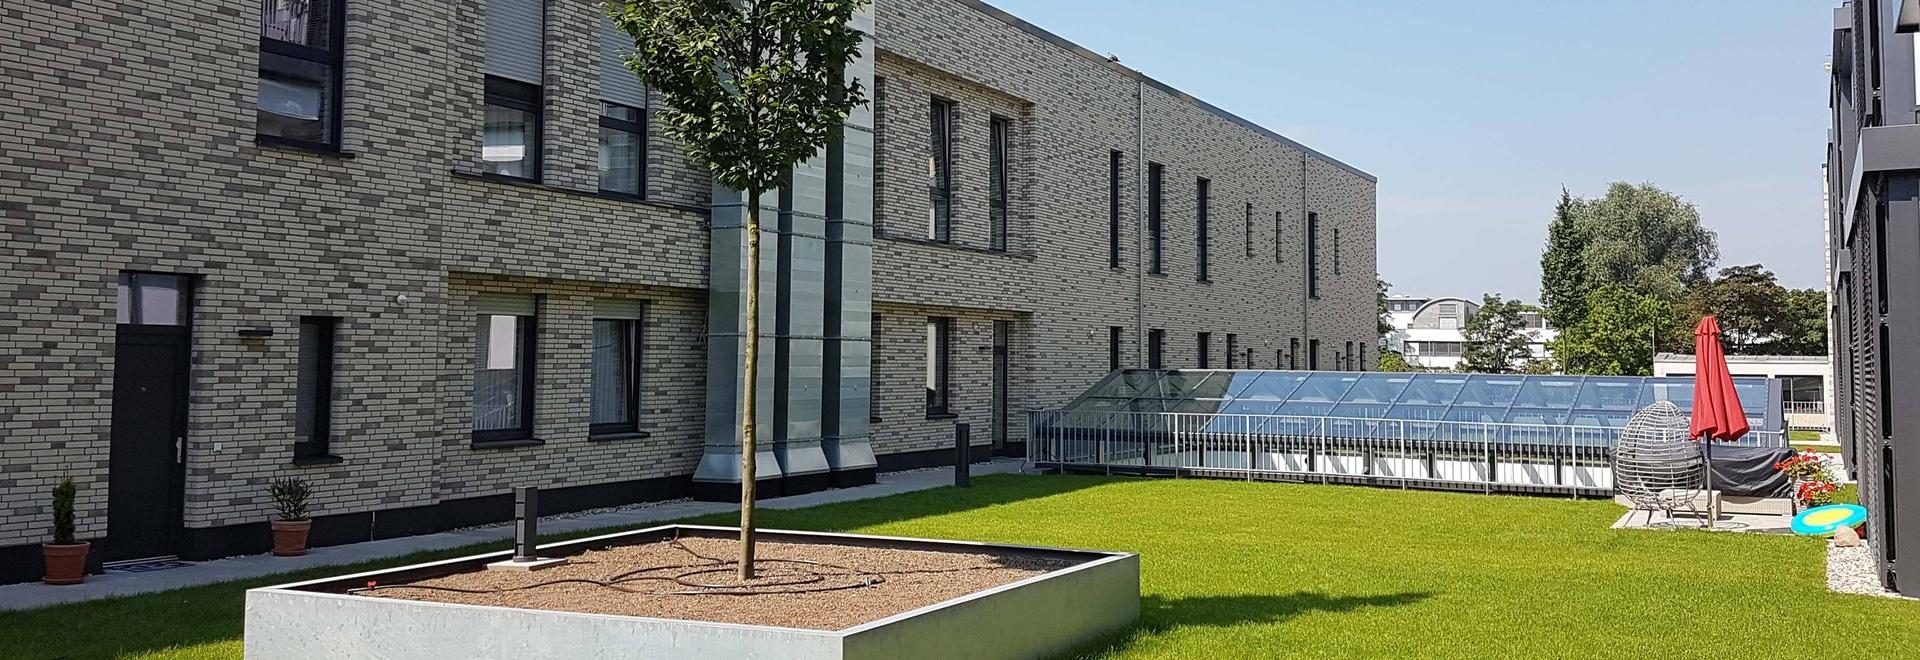 Hoy en día, los antiguos grandes almacenes Hertie en Lünen son una moderna propiedad residencial y comercial con 850 m² de patio de recreo y césped para tomar el sol en medio del tejado. © GRÜN+DAC...